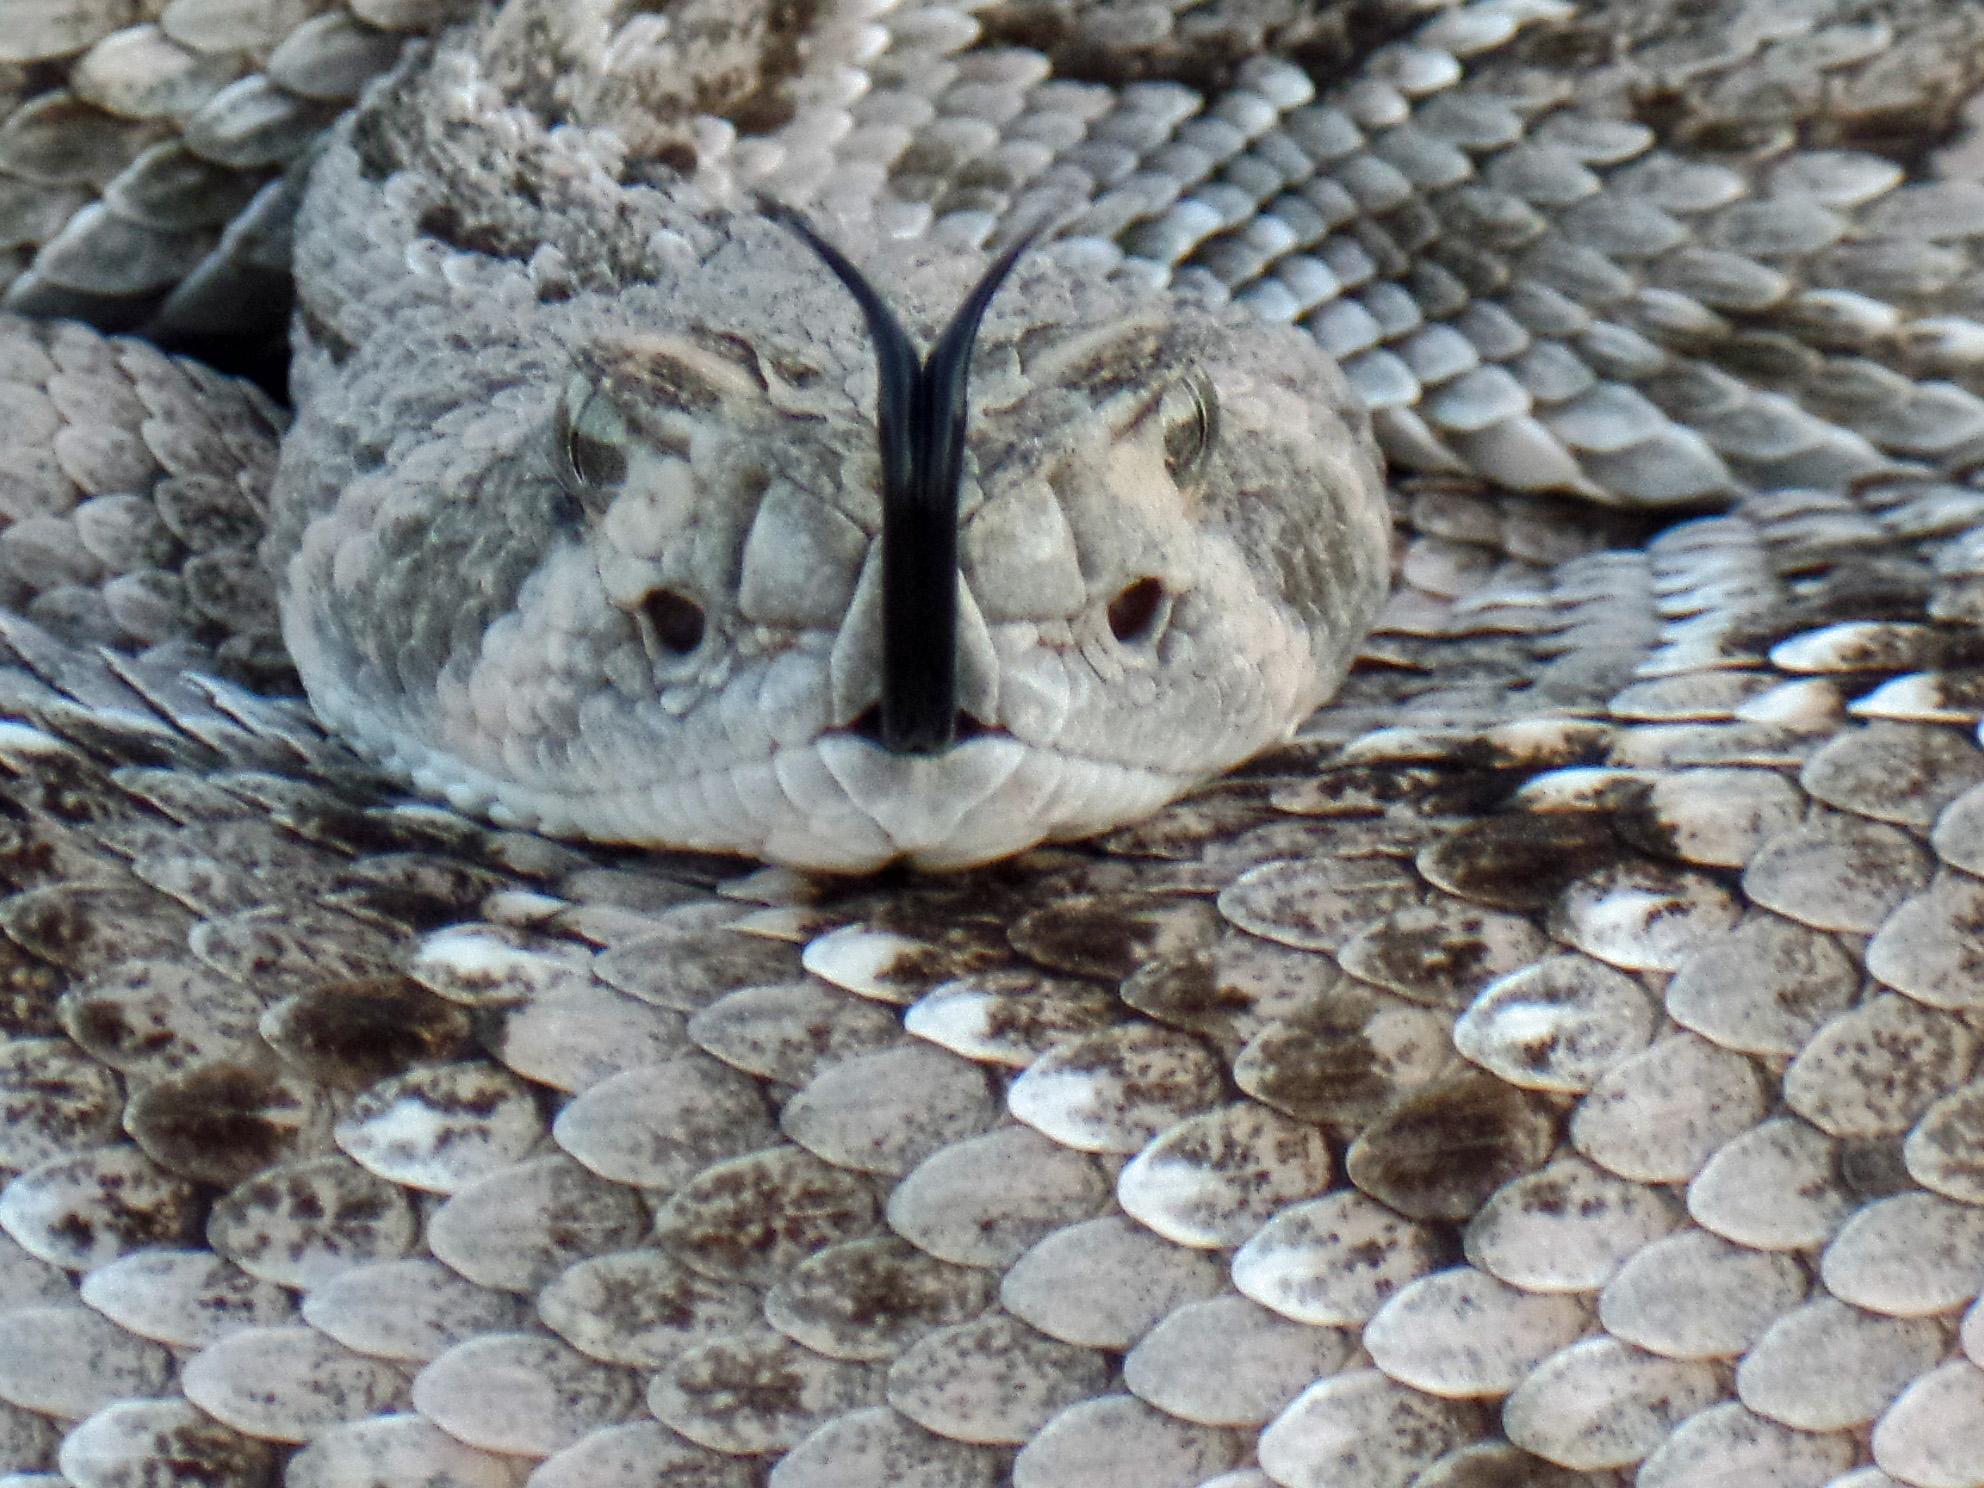 Rattlesnake - Seen on my run - Catalina, Arizona